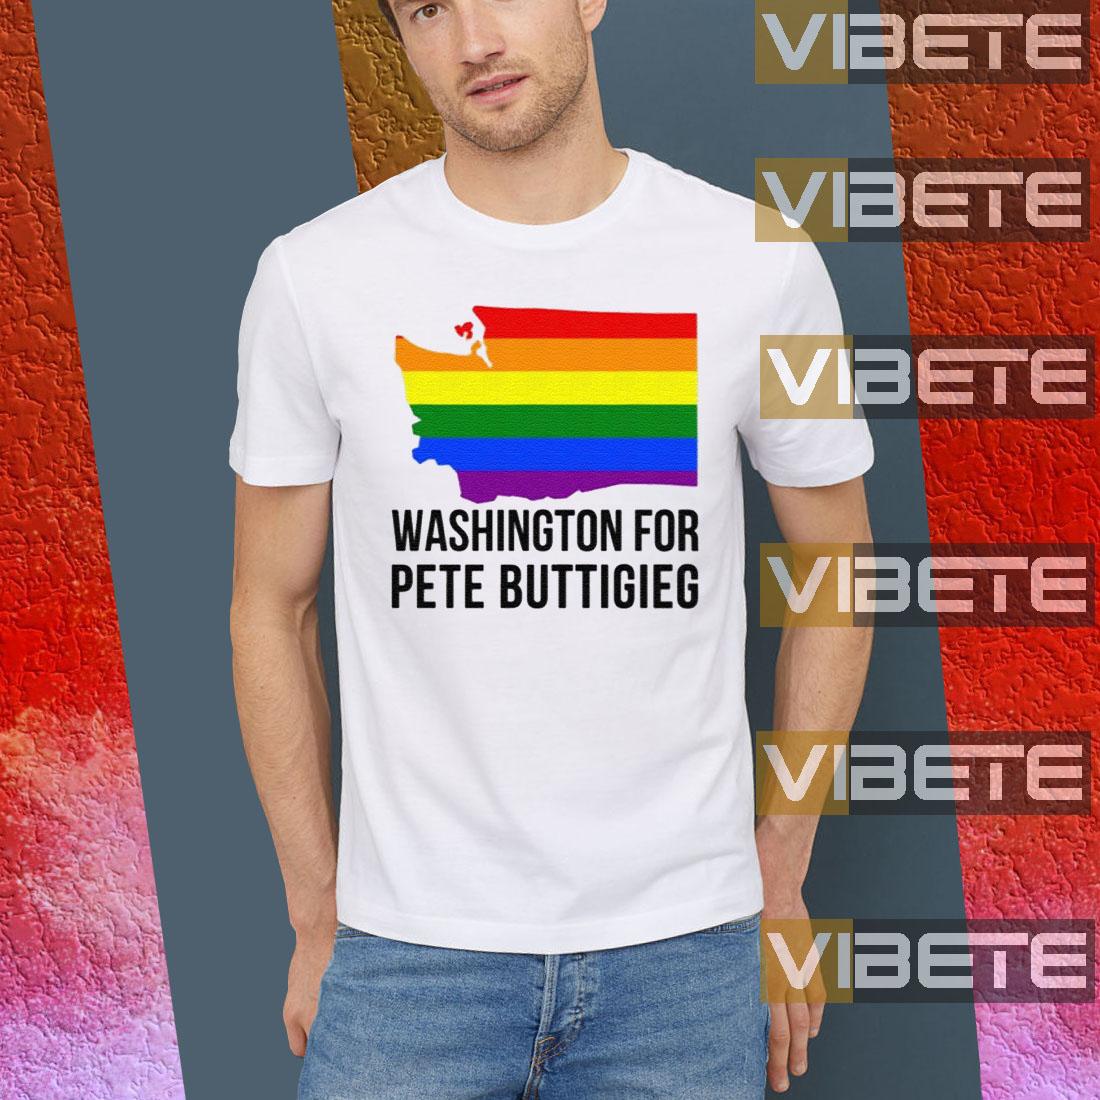 Washington for Pete Buttigieg LGBT Vote 2020 TShirts